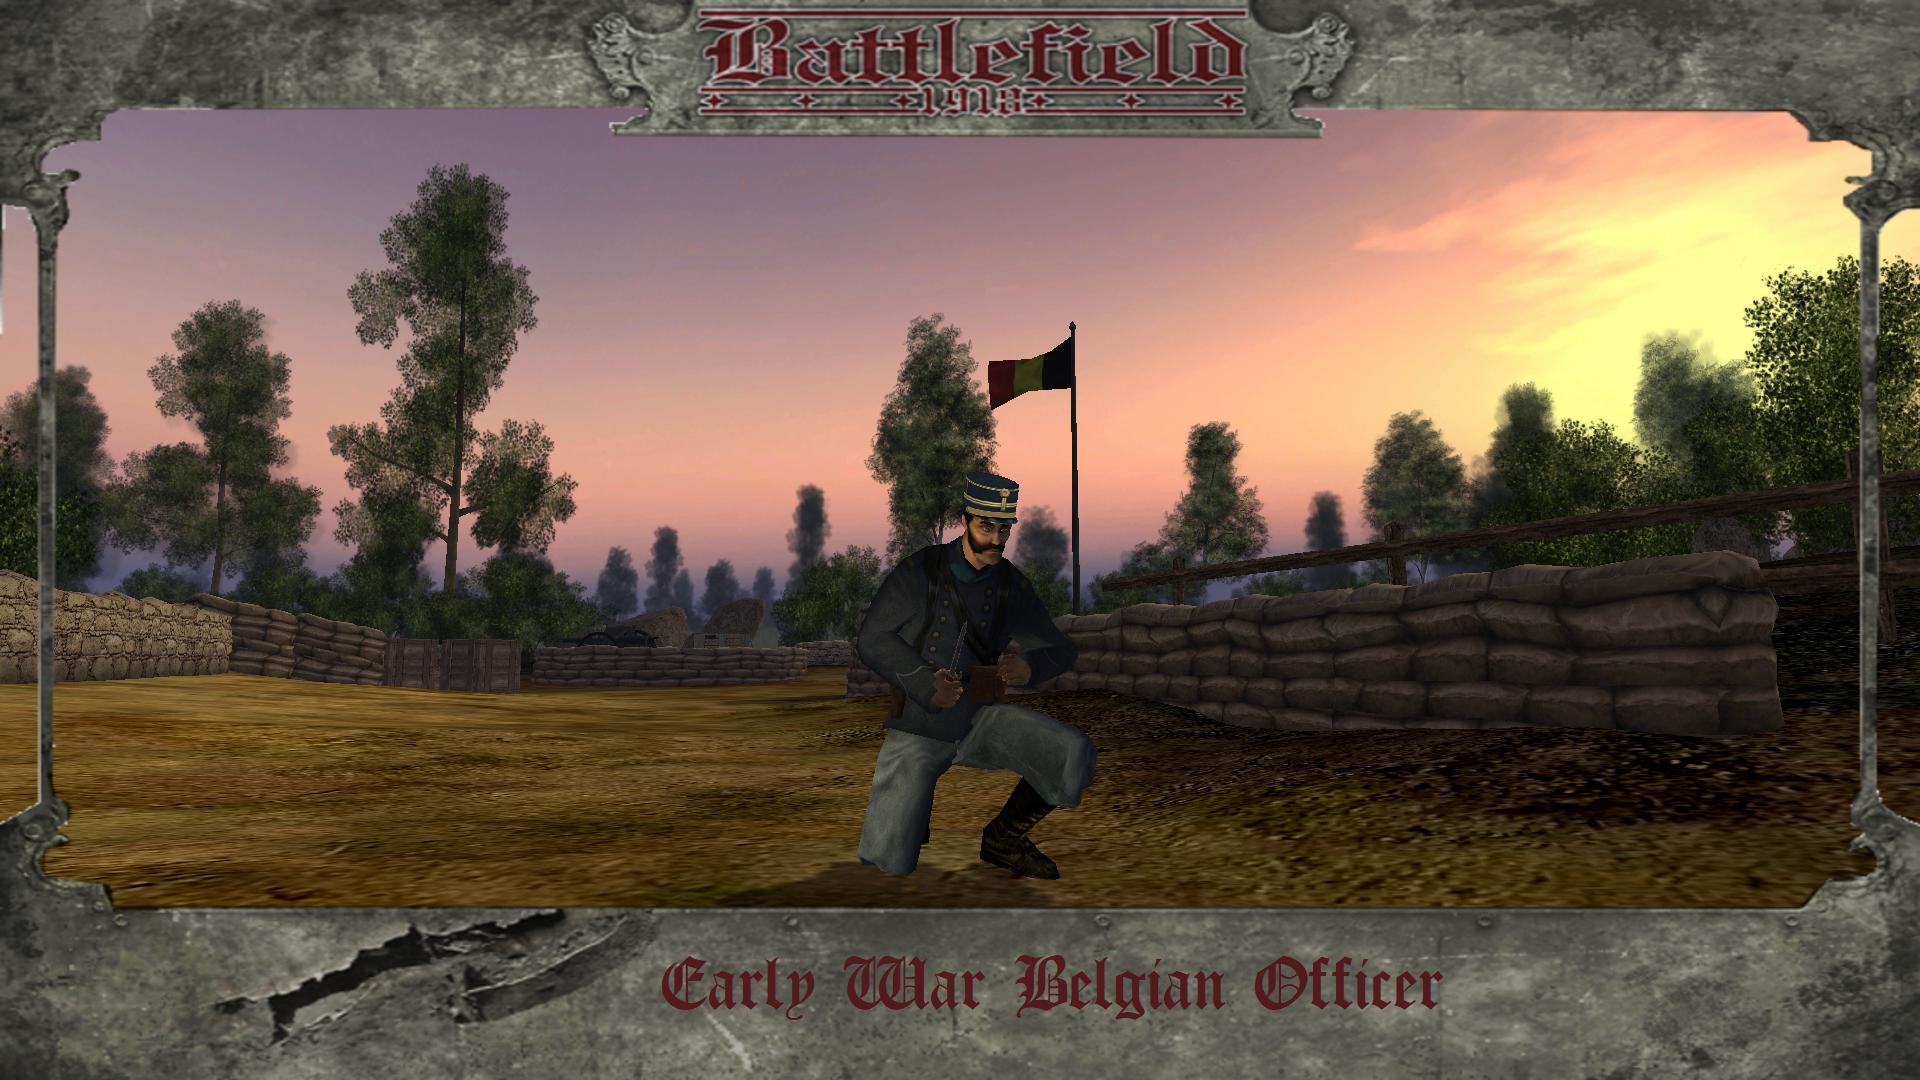 Early War Belgium Officer